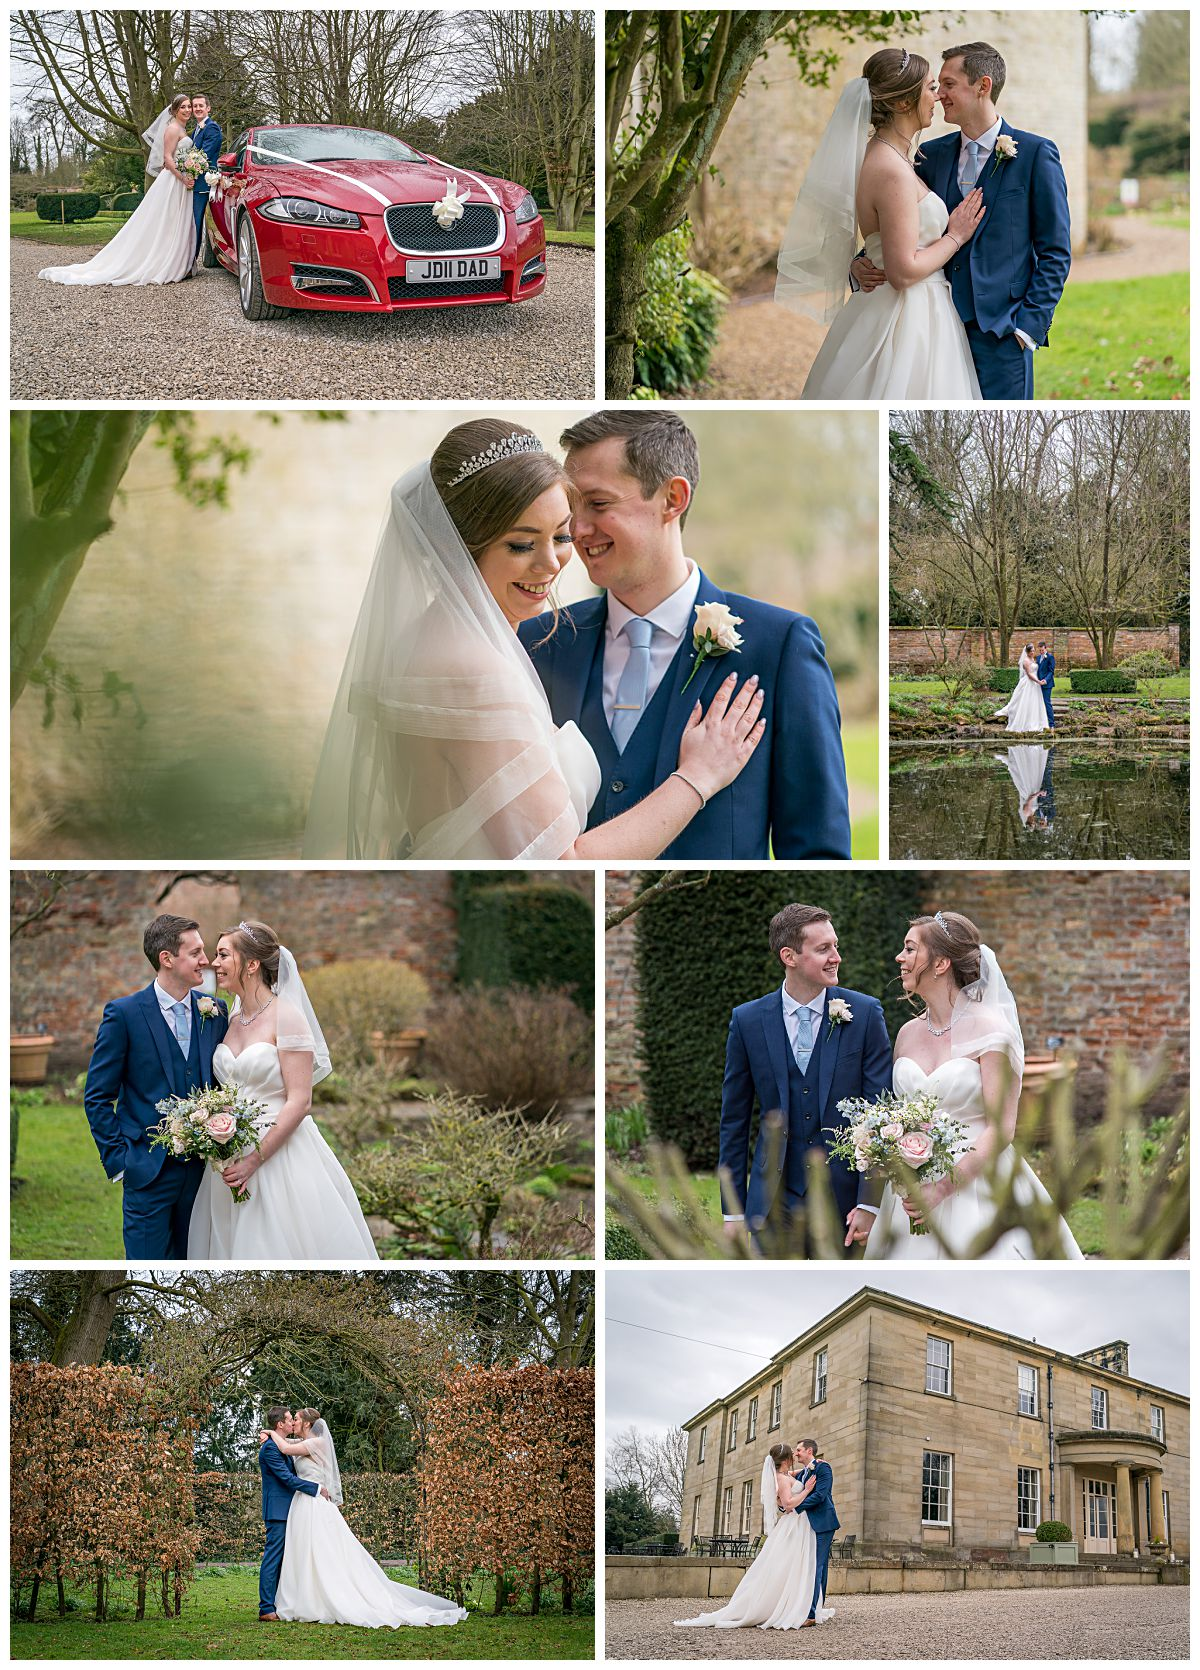 Wedding Photography at Saltmarshe Hall, Selby, York and Goole